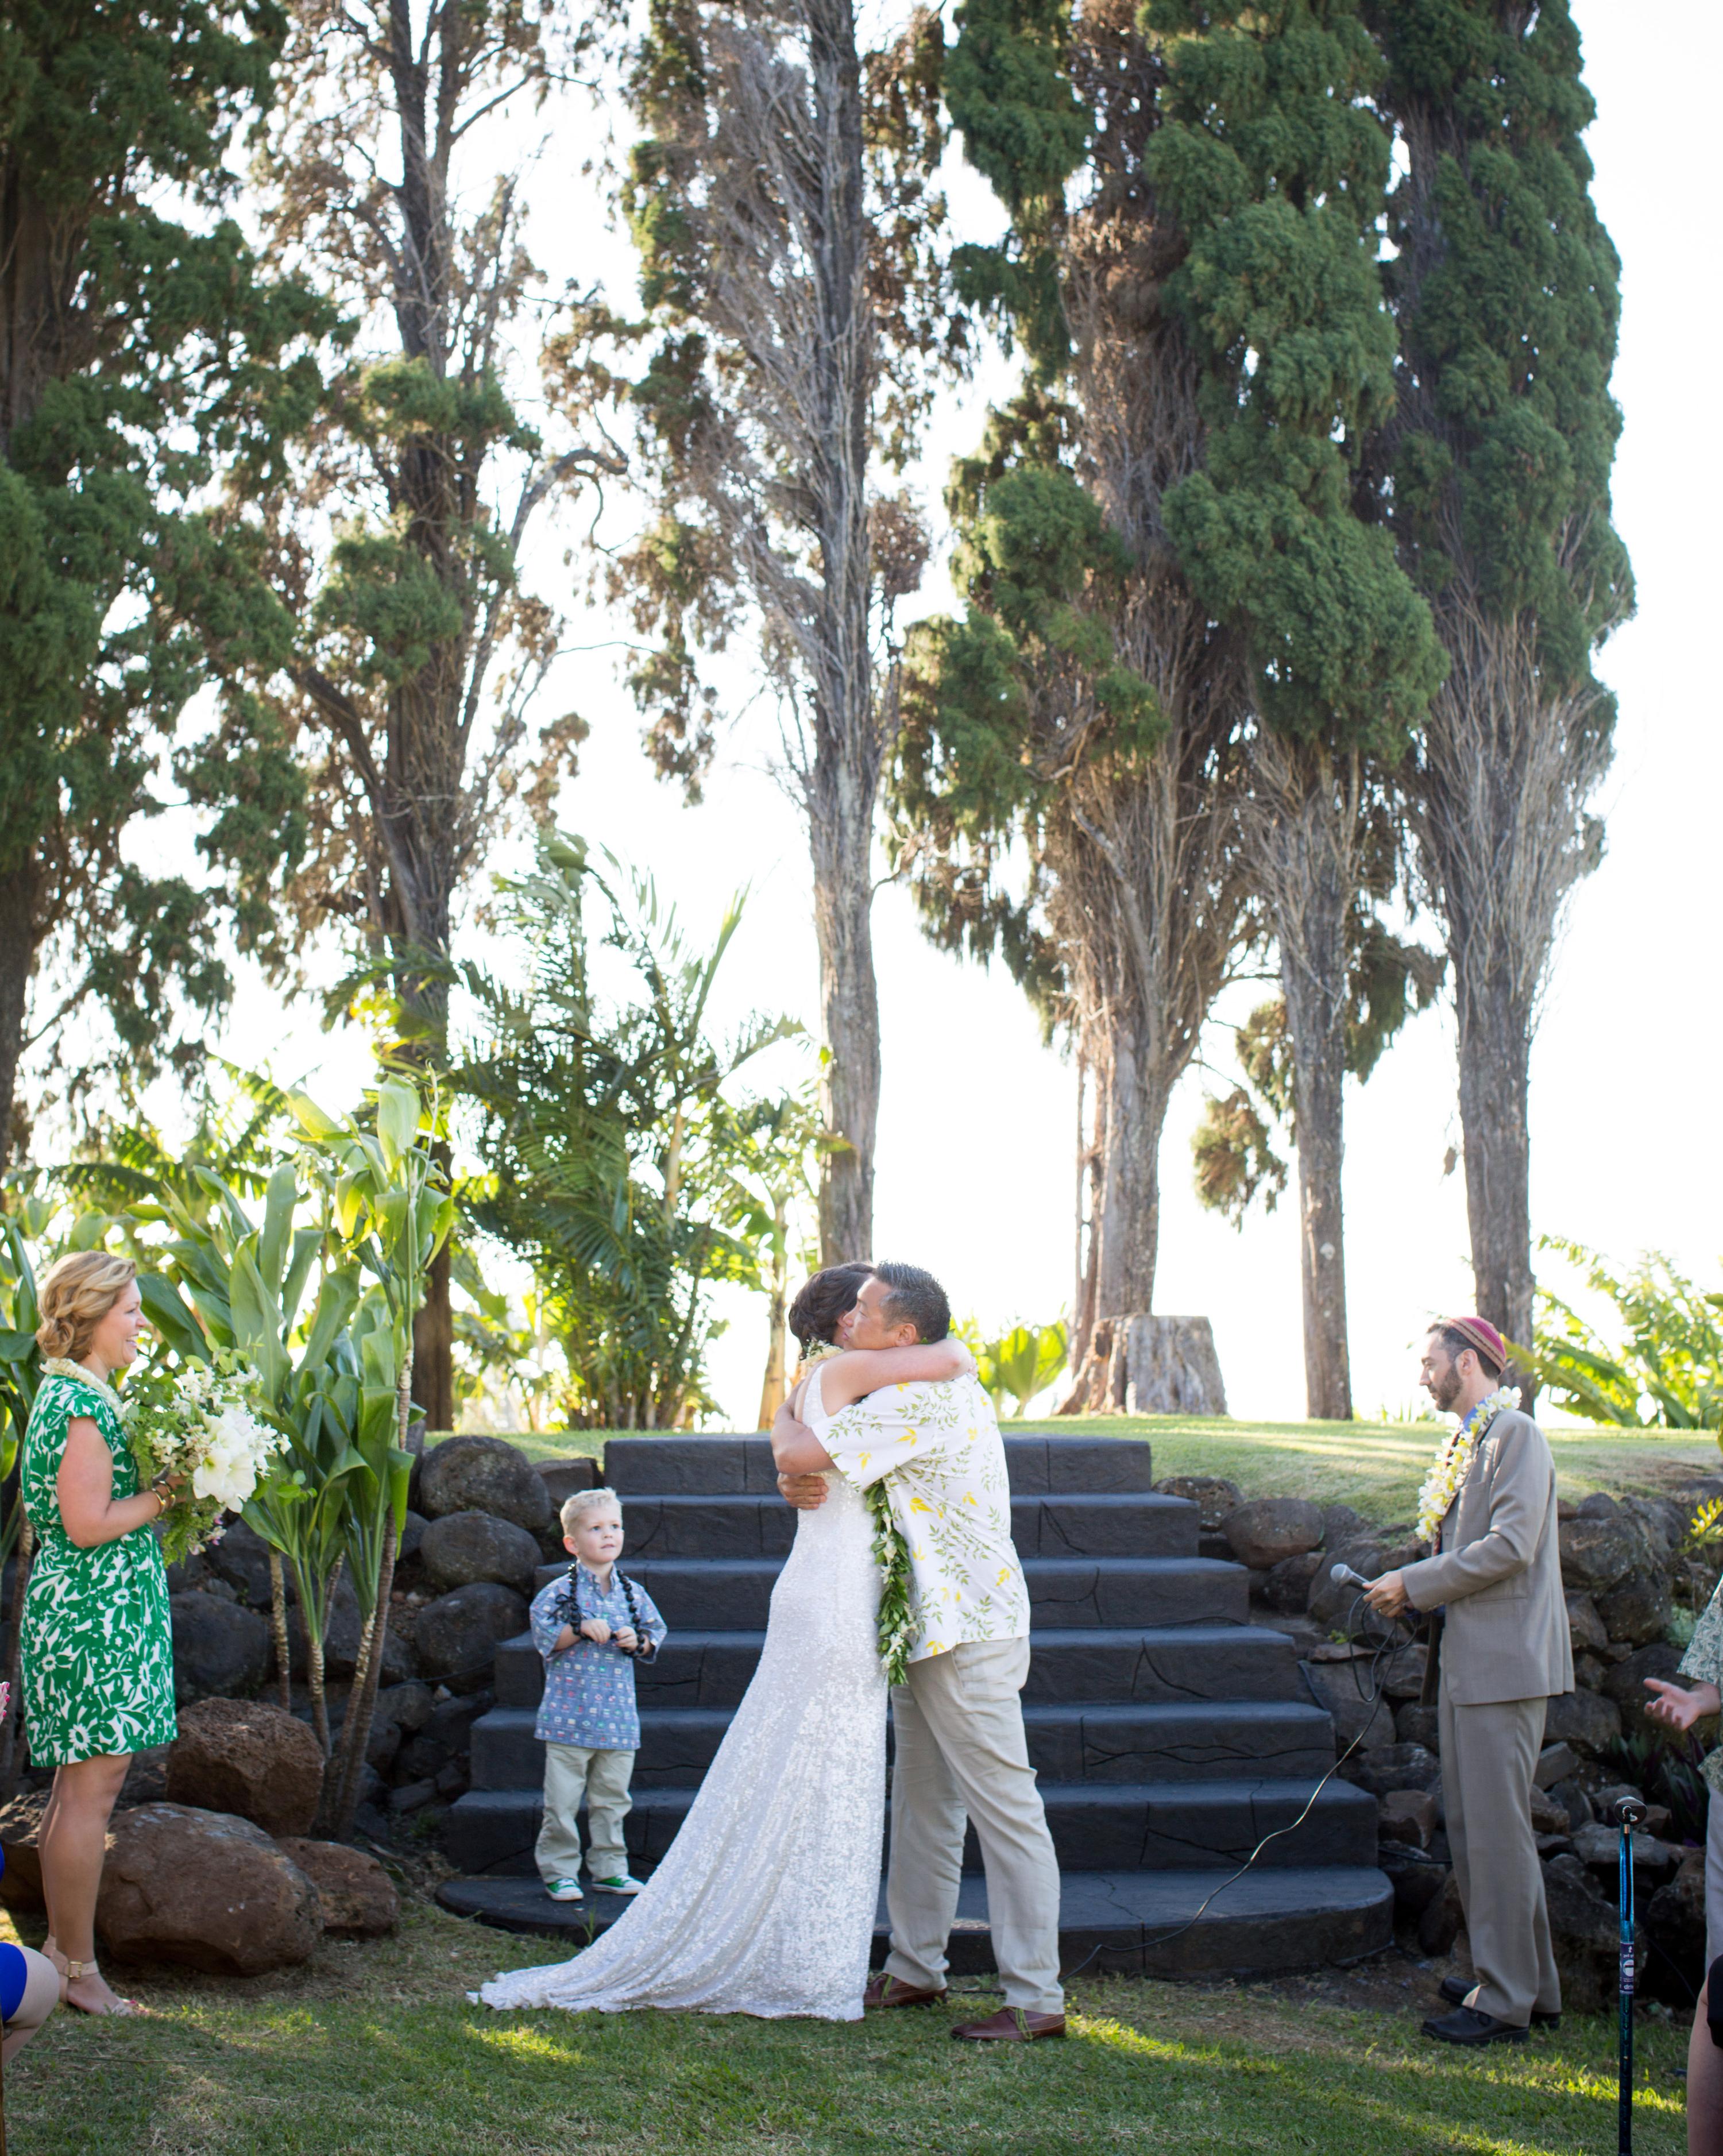 maddie-tony-wedding-ceremony-9552-s112424-1015.jpg